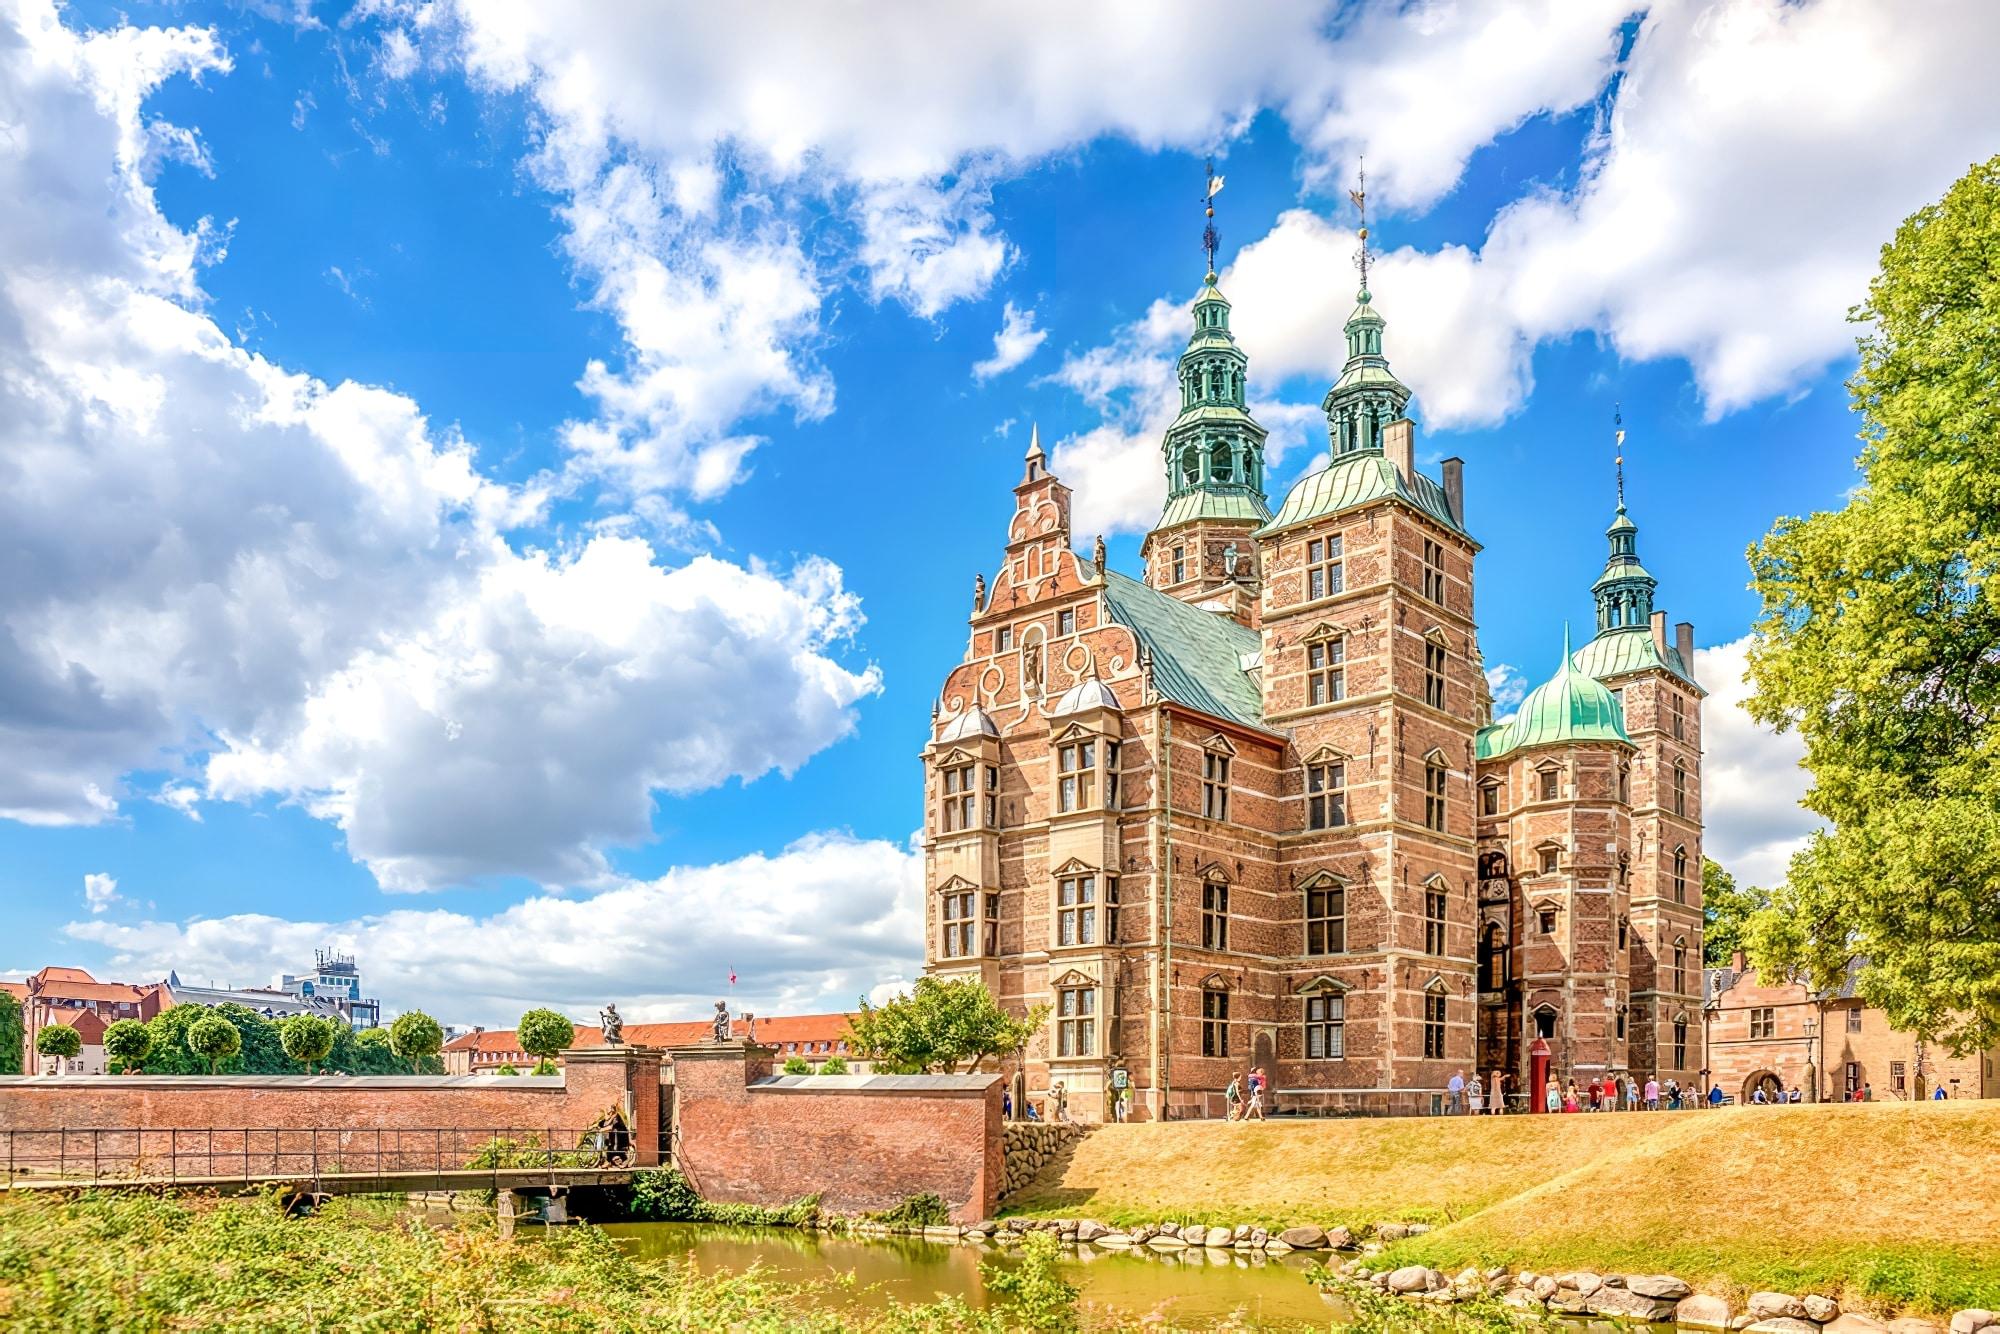 Visiter le château de Rosenberg à Copenhague : billets, tarifs, horaires